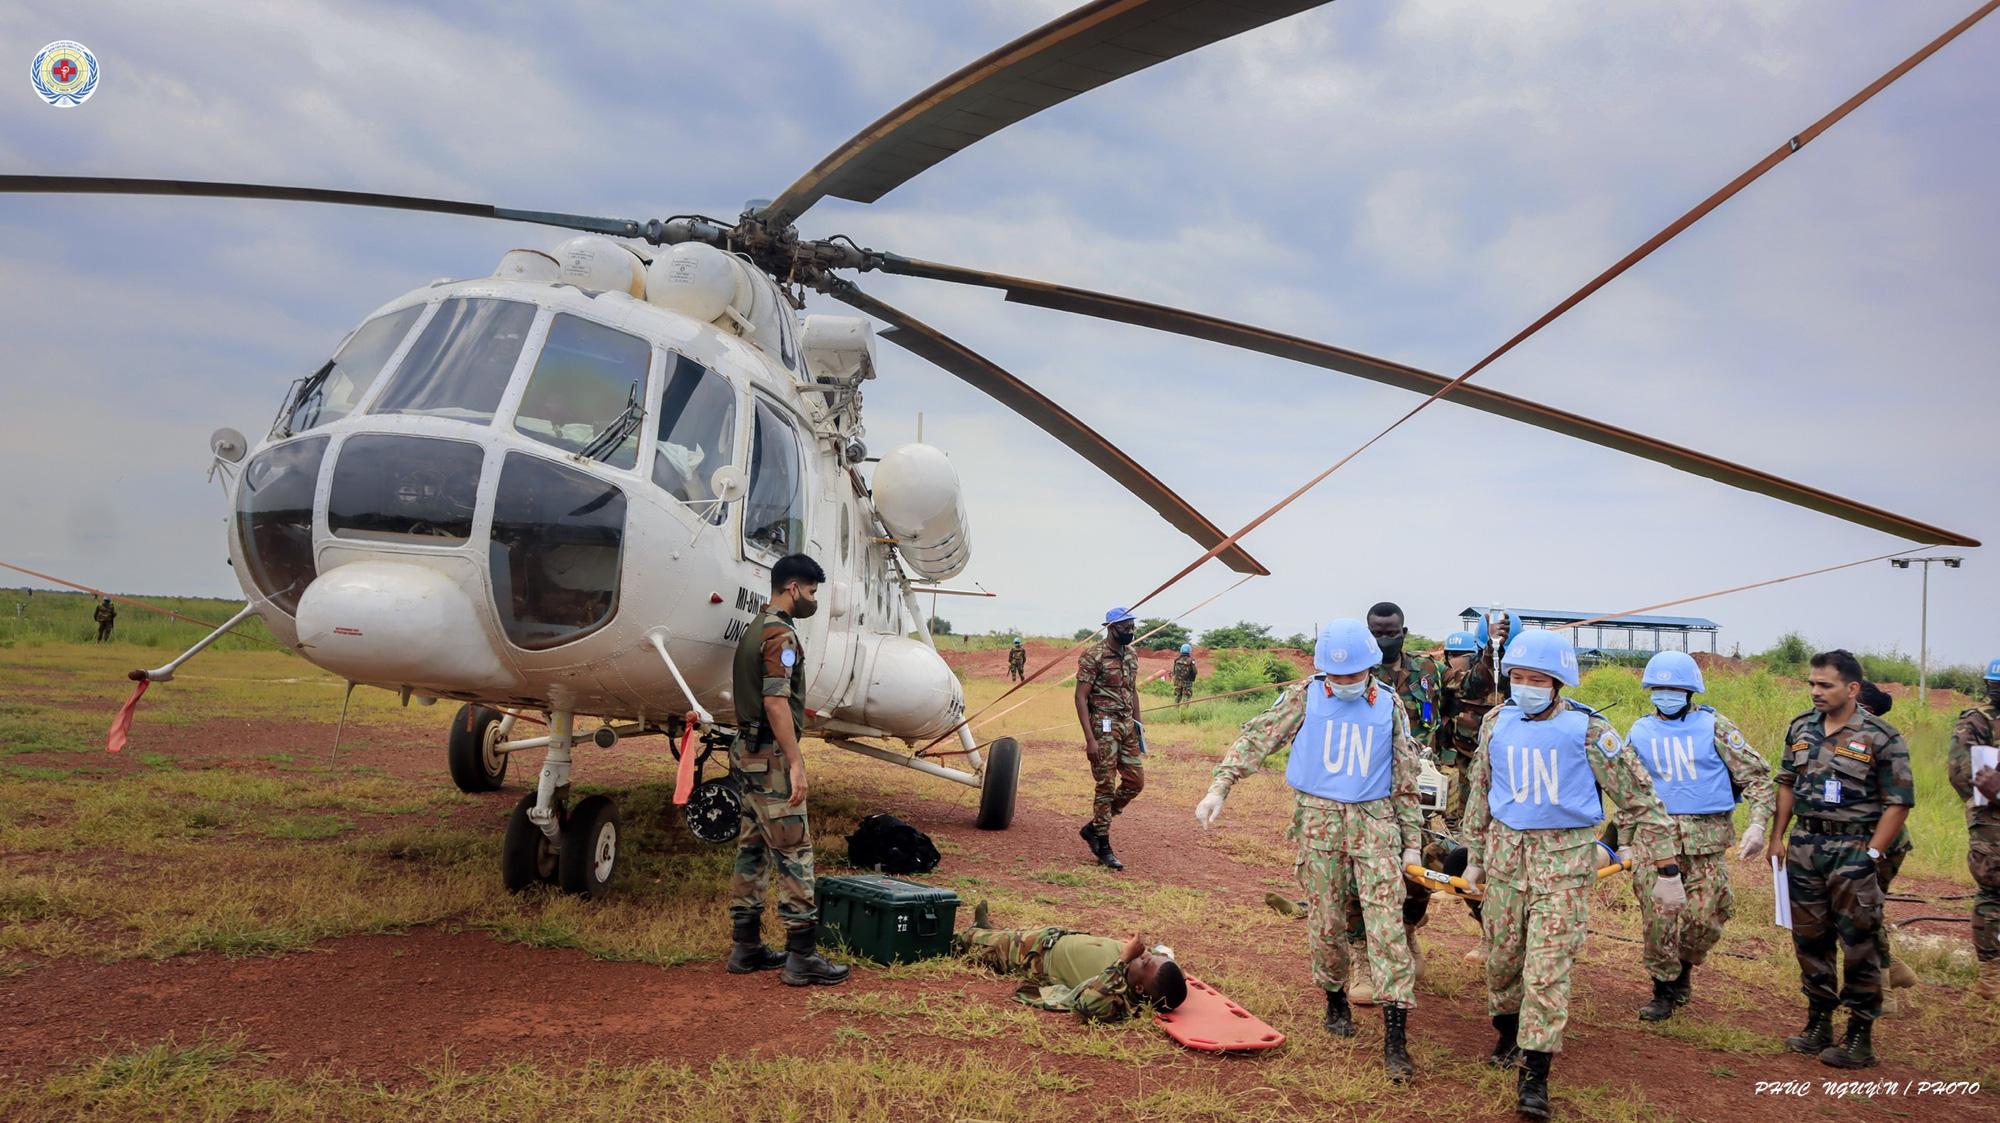 CLIP: Cận cảnh bệnh viện mũ nồi xanh cấp cứu, vận chuyển bệnh nhân lên trực thăng - Ảnh 6.